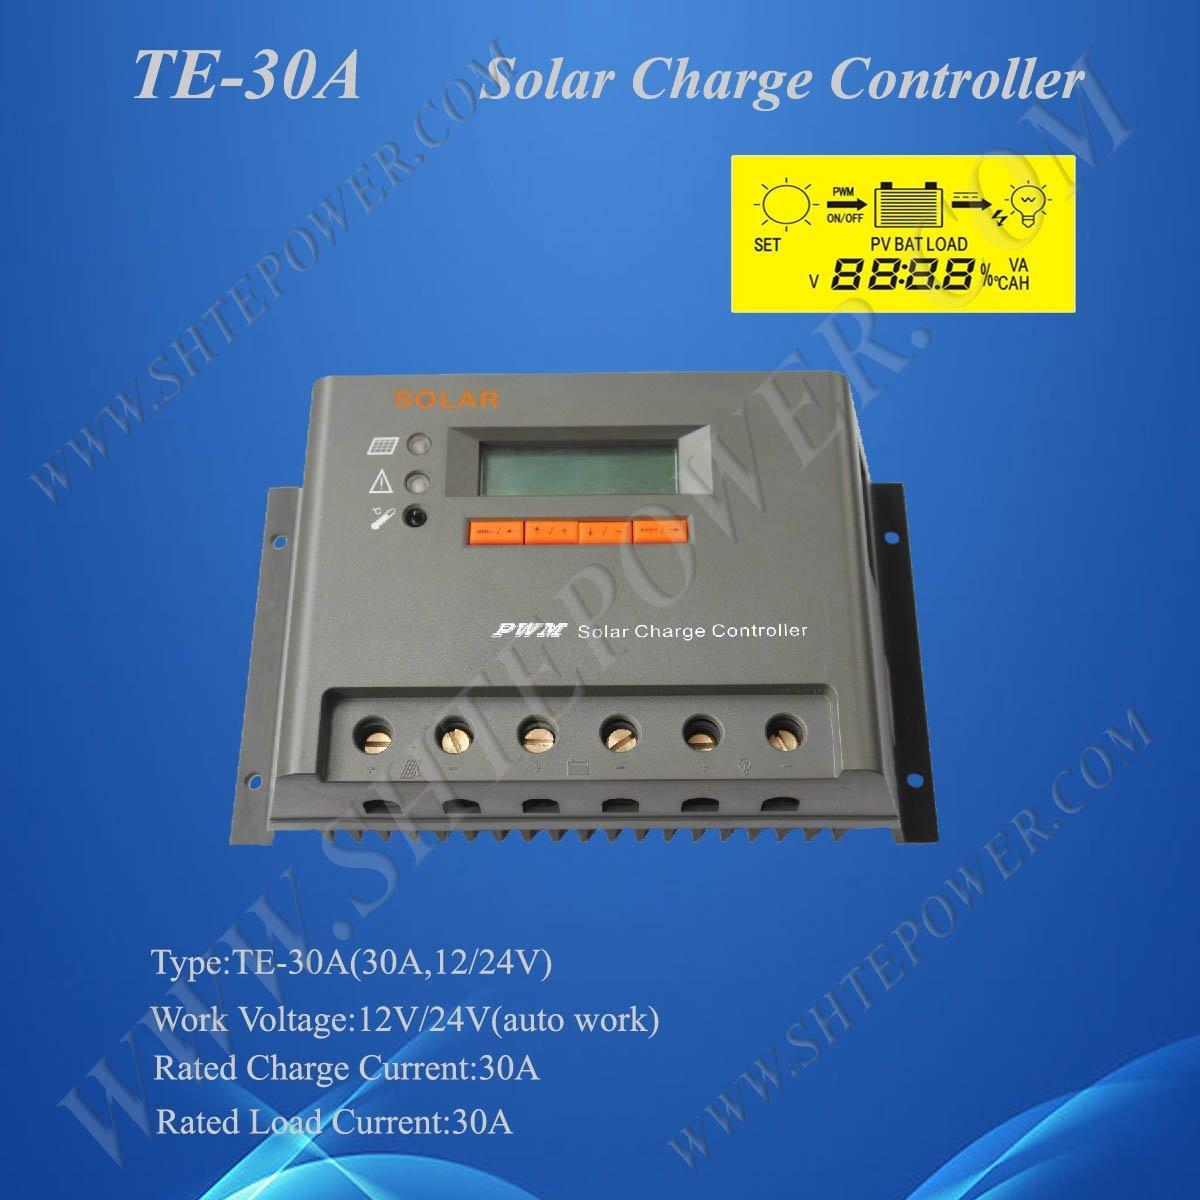 Солнечный регулятор 12 В/24 В Авто Работа 30A для дома Панели солнечные Системы